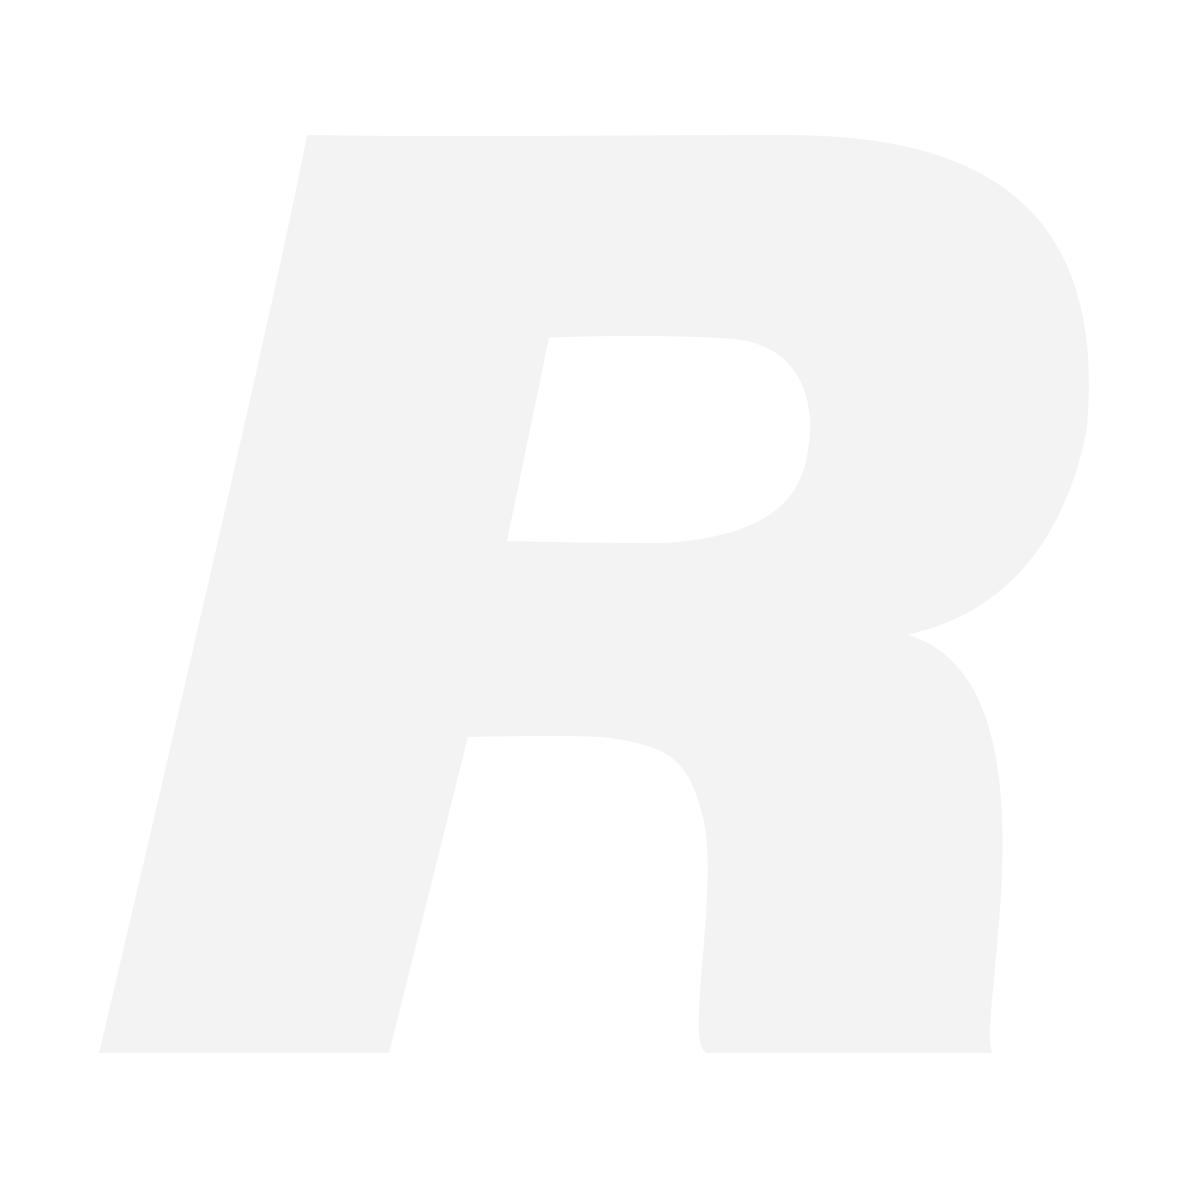 POSE - Mallin asento ja ohjaaminen henkilökuvauksessa -kirja